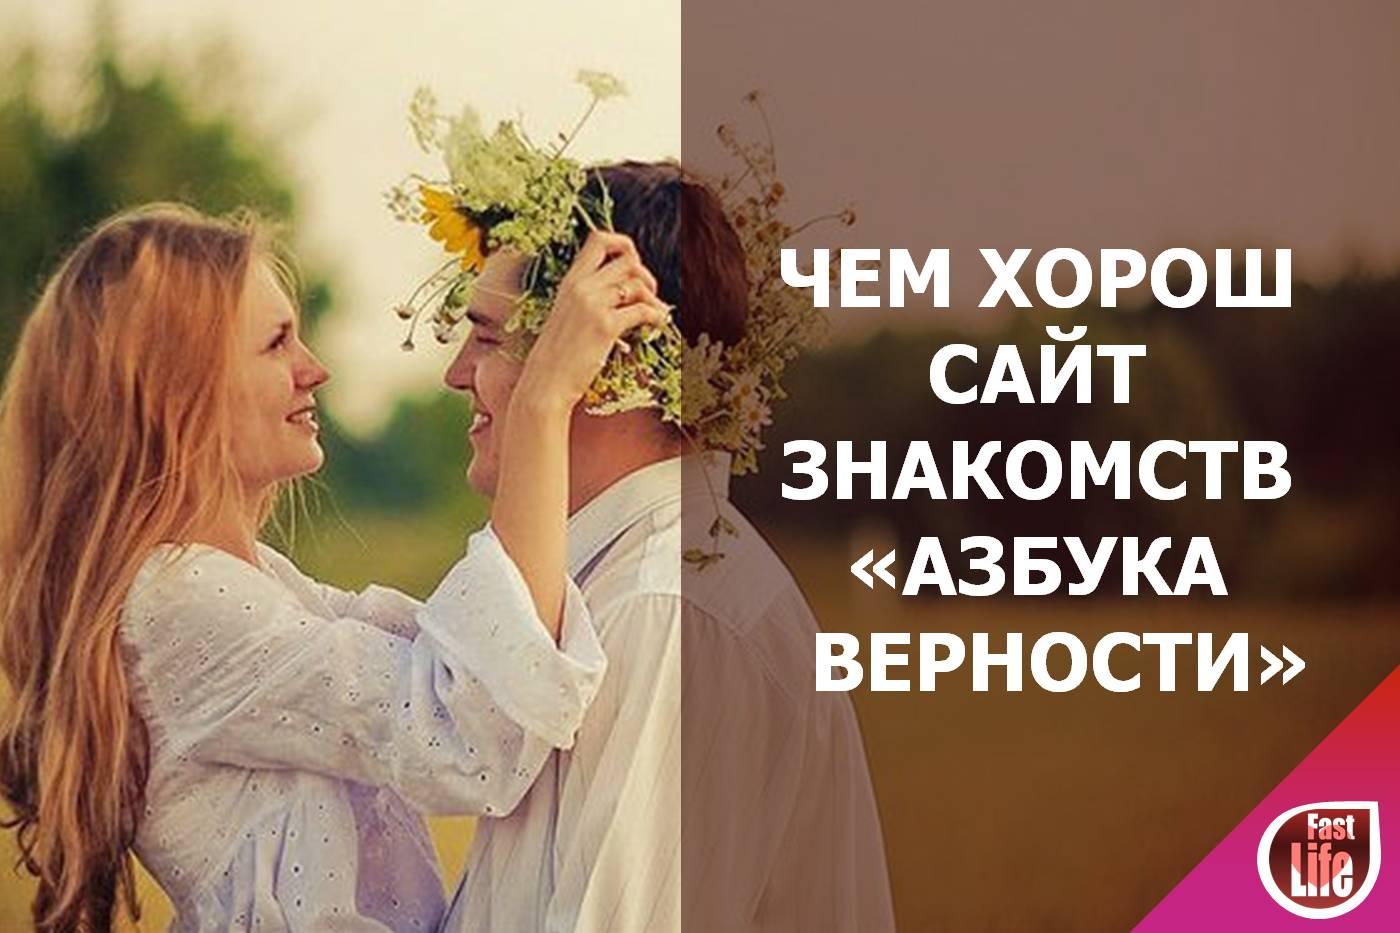 вход моя верности знакомств азбука сайт православный страница